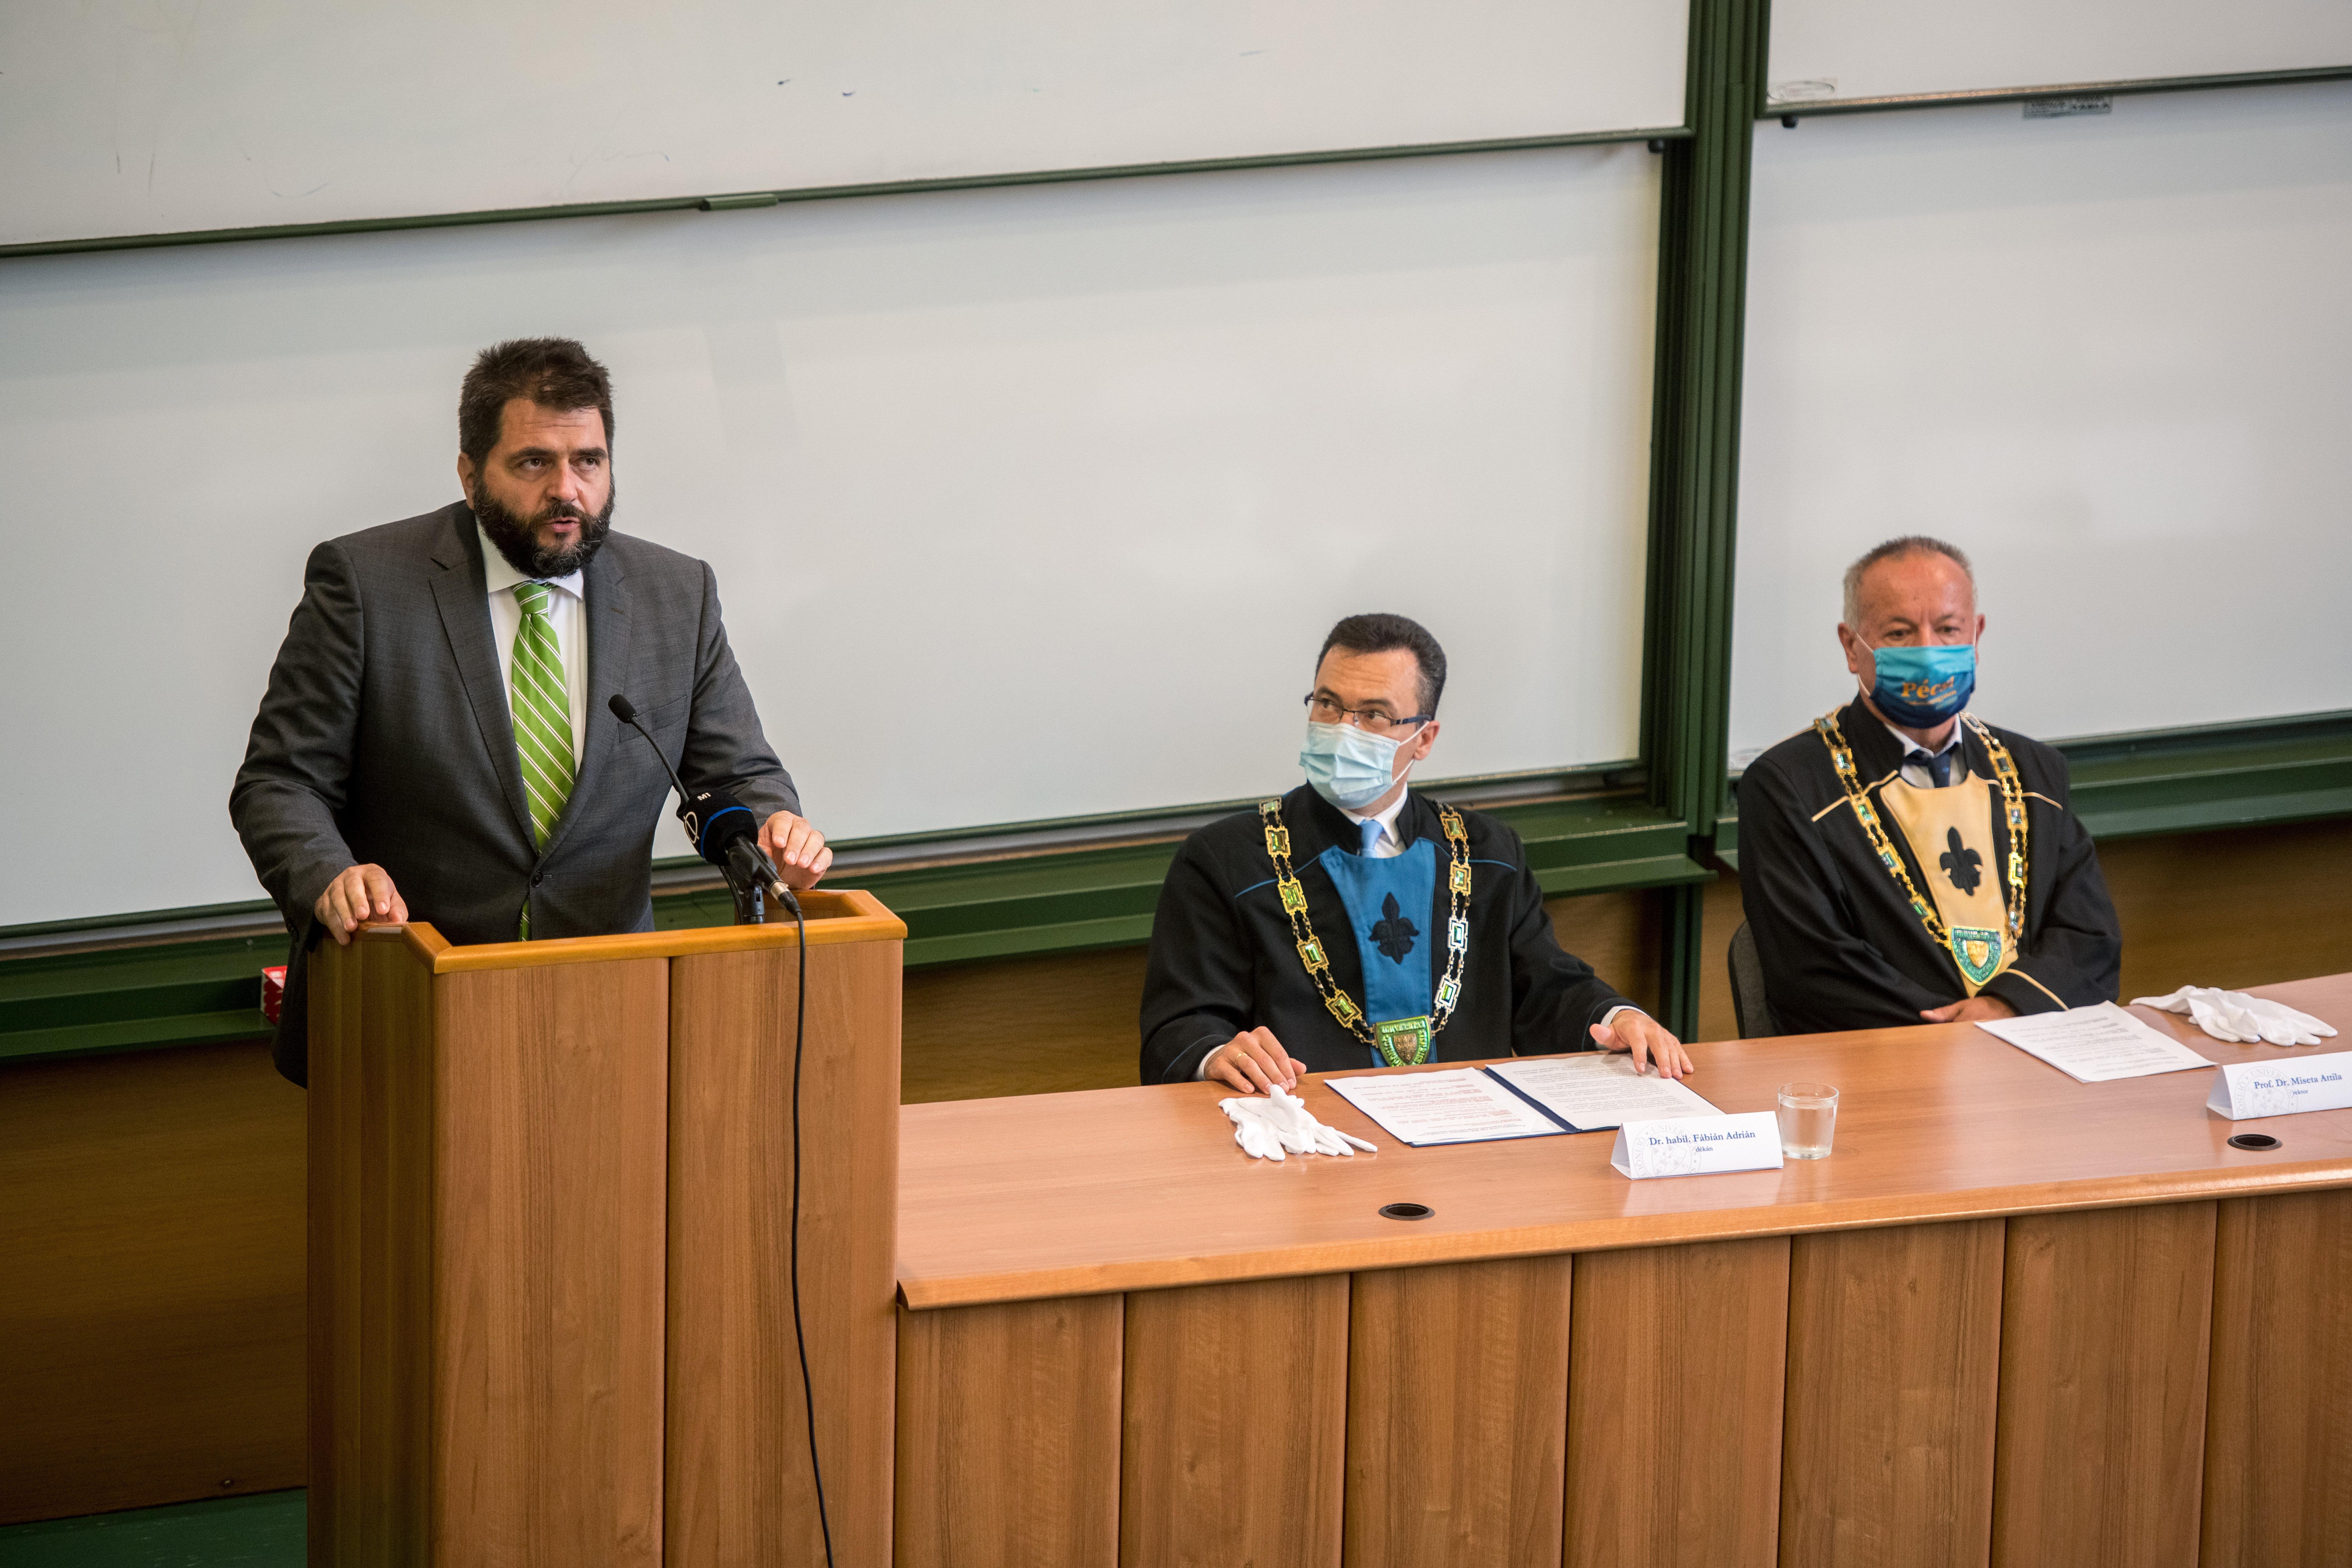 Hajas Barnabás volt igazságügyi államtitkár a Kúria bírája lehet, pedig sosem volt ítélkező bíró